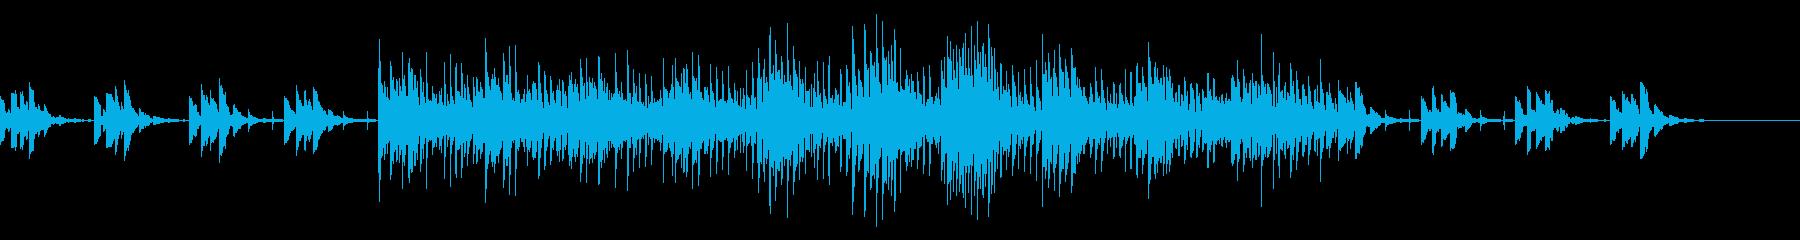 水の波紋が広がる雰囲気の静かな曲の再生済みの波形